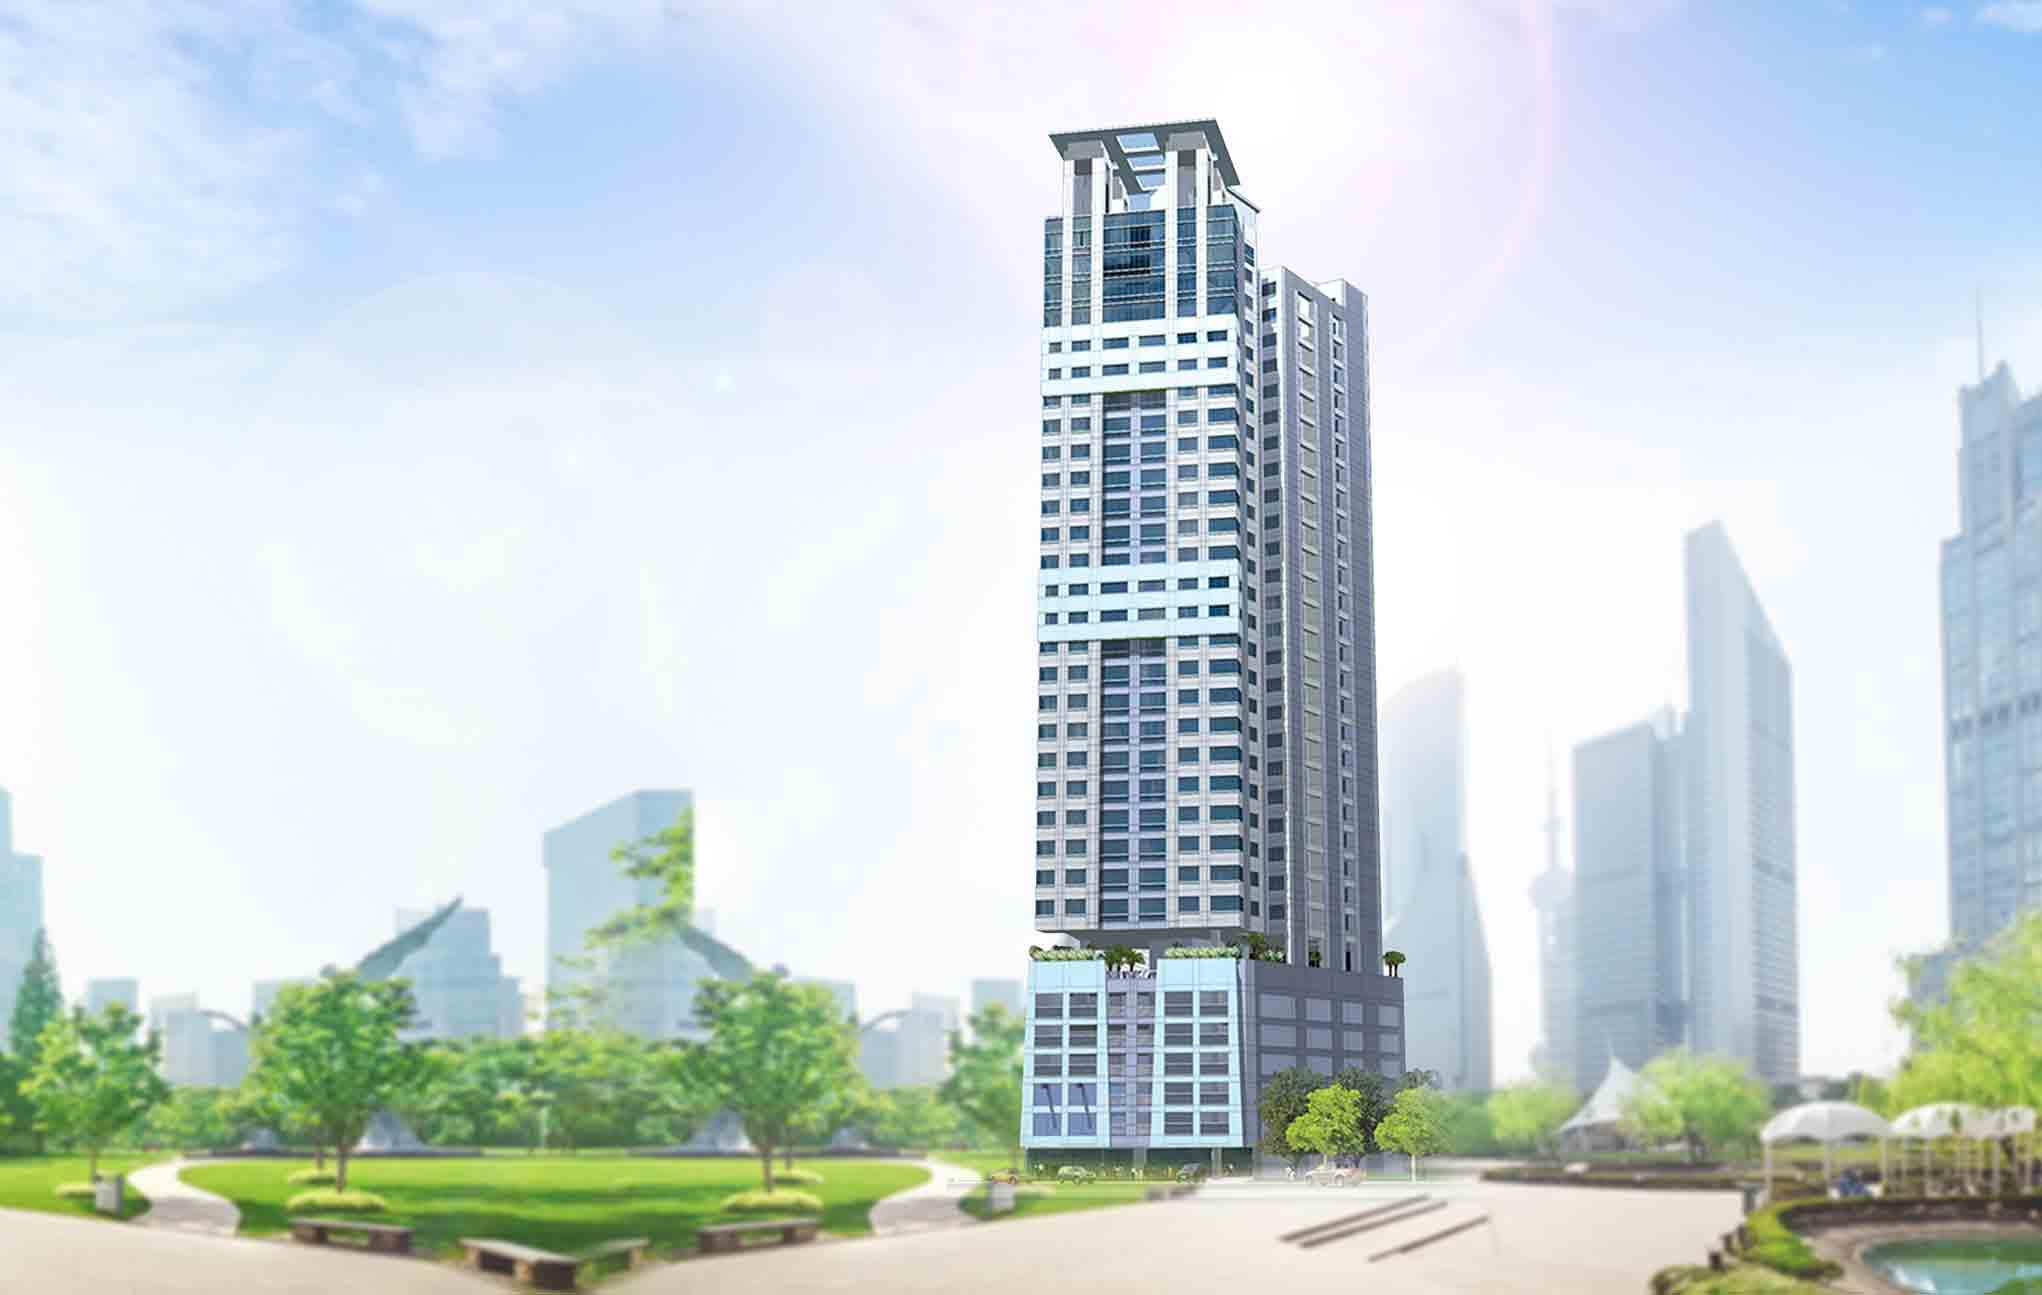 Lee Tower